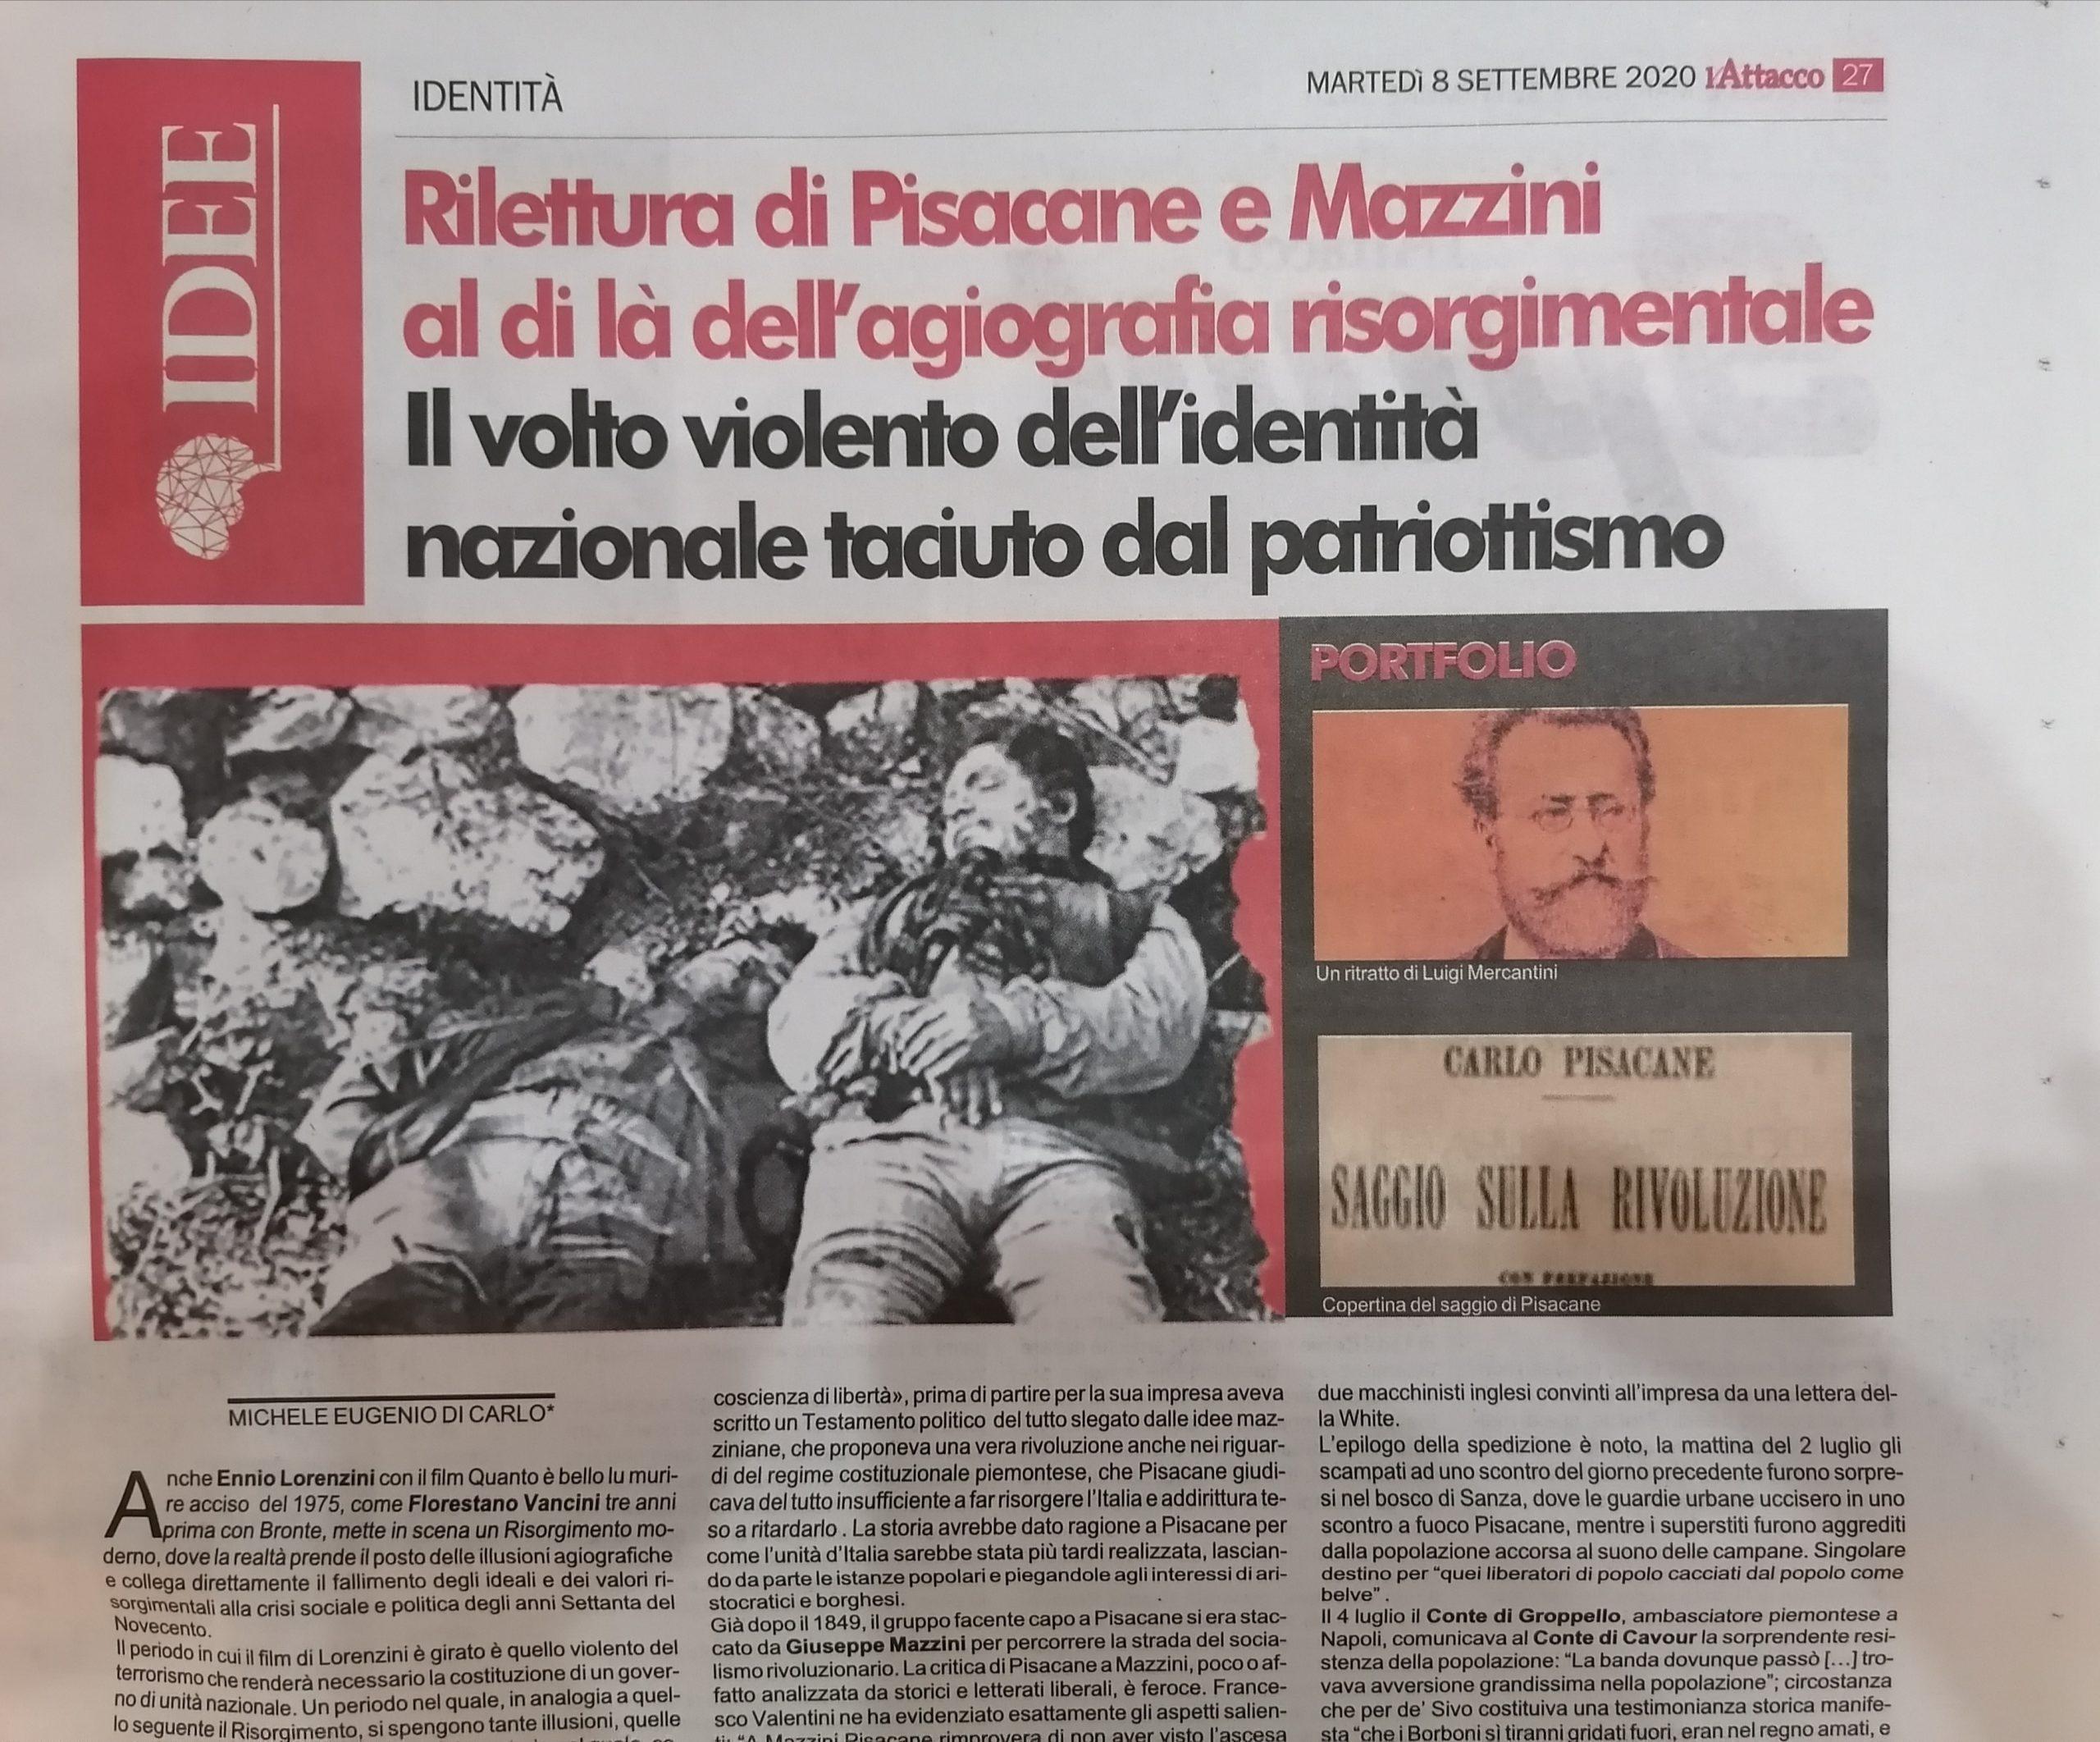 PISACANE E MAZZINI, AL DI LA' DELL'AGIOGRAFIA RISORGIMENTALE